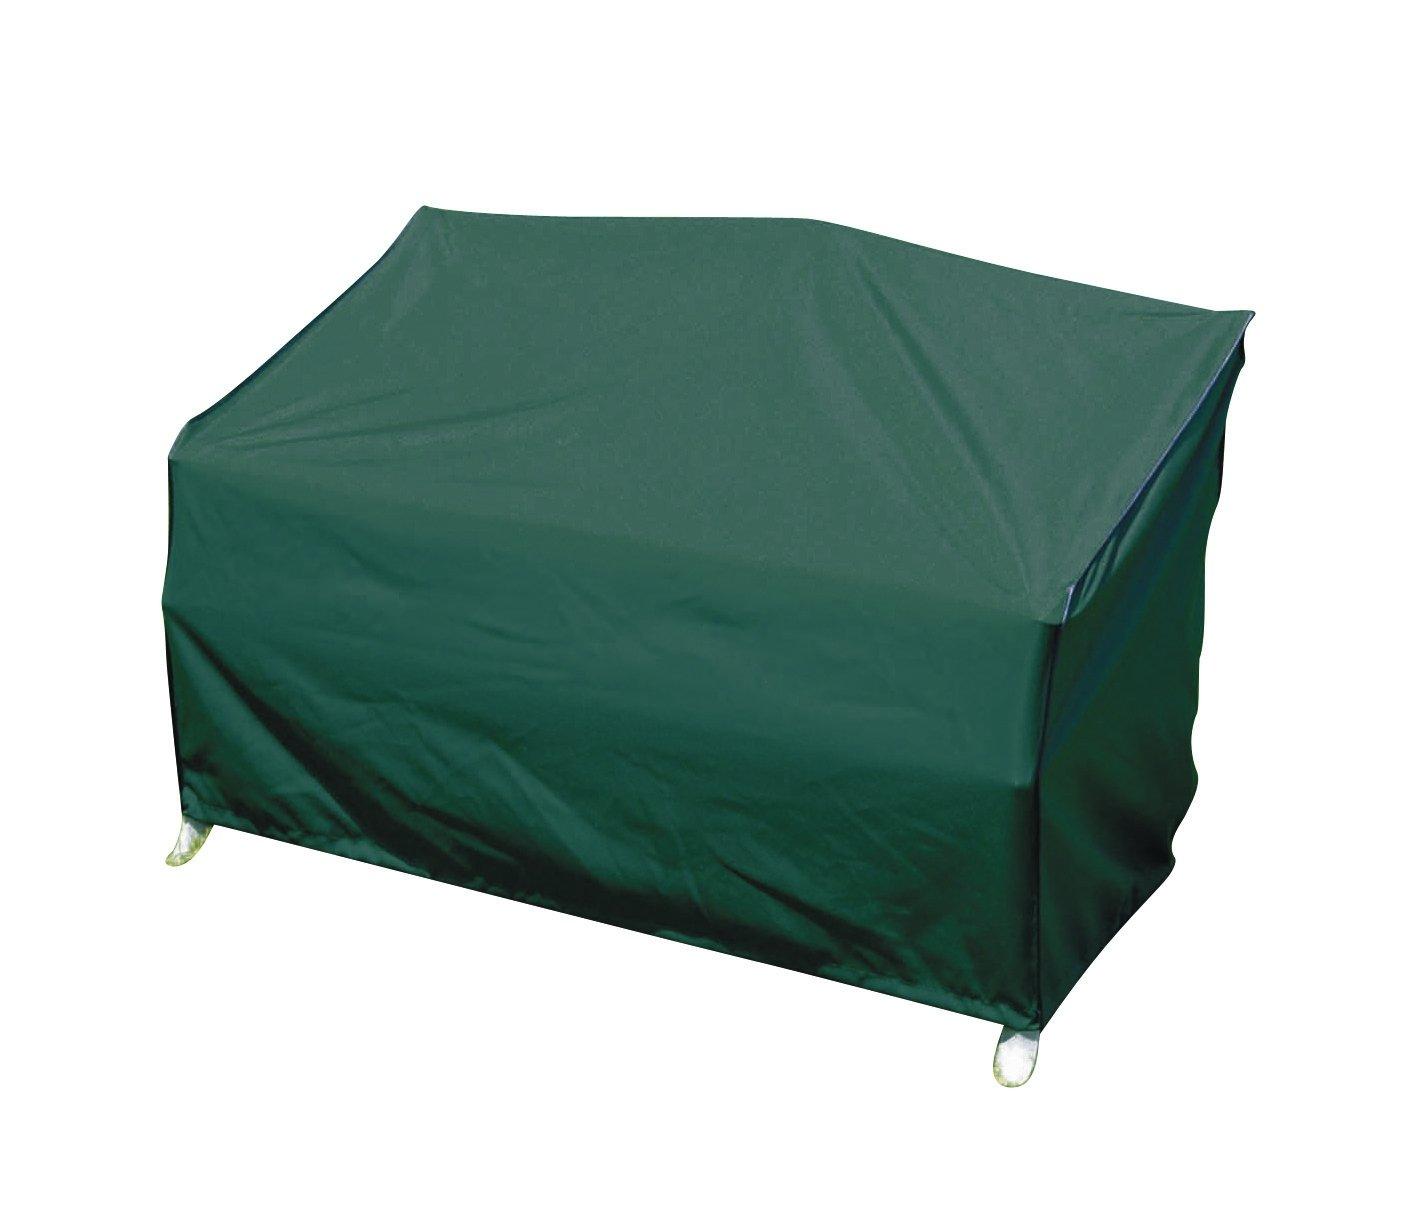 greemotion Schutzhülle für Gartenbank grün, winterfeste Gartenmöbelabdeckung, schmutzabweisende Regenschutzhülle, wasserabweisende Wetterschutz-Hülle, Wetterschutzhaube mit Zugband 438630